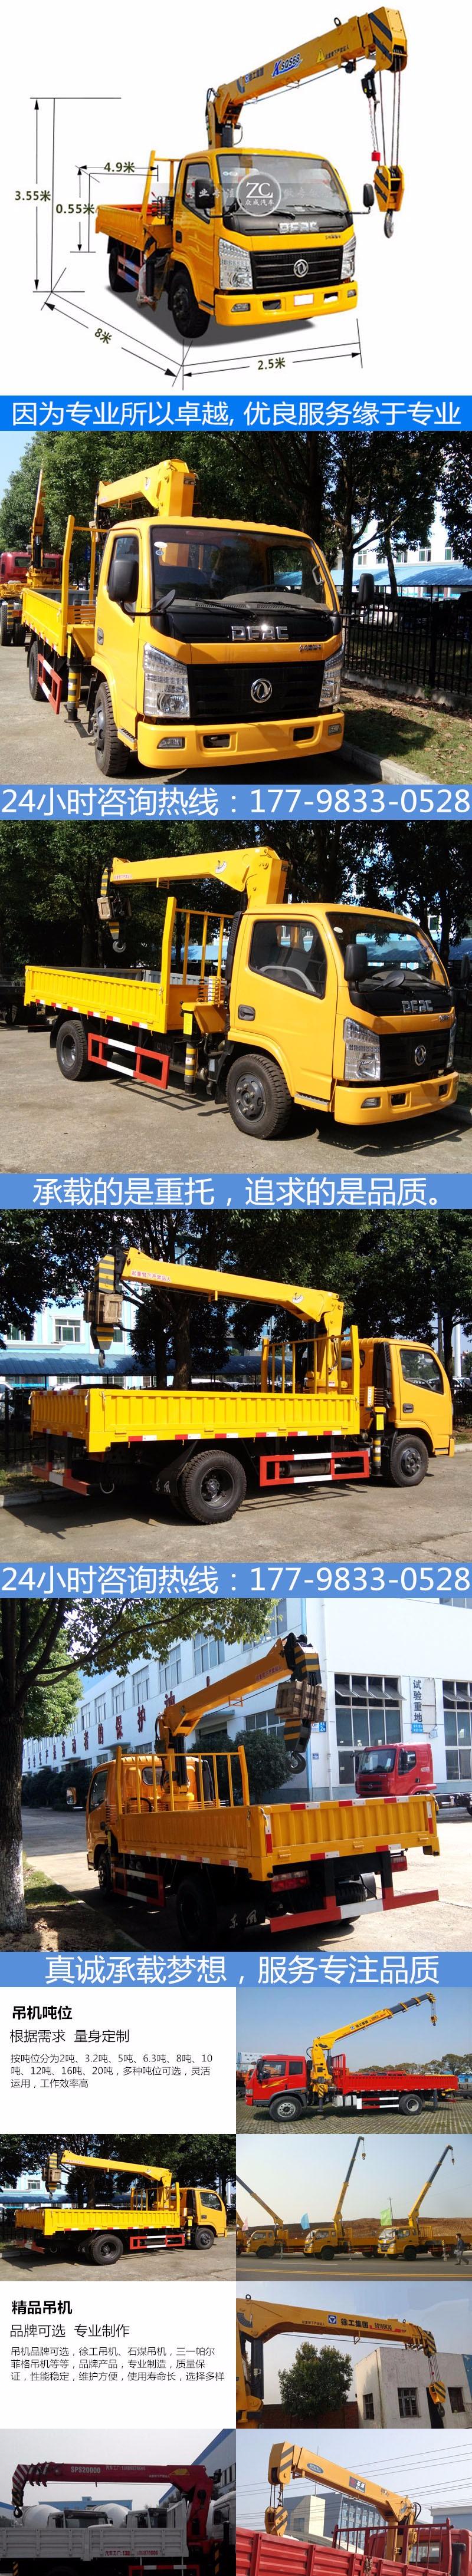 渭南3吨8吨12吨徐工国五随车吊随车起重运输车生产厂家直销